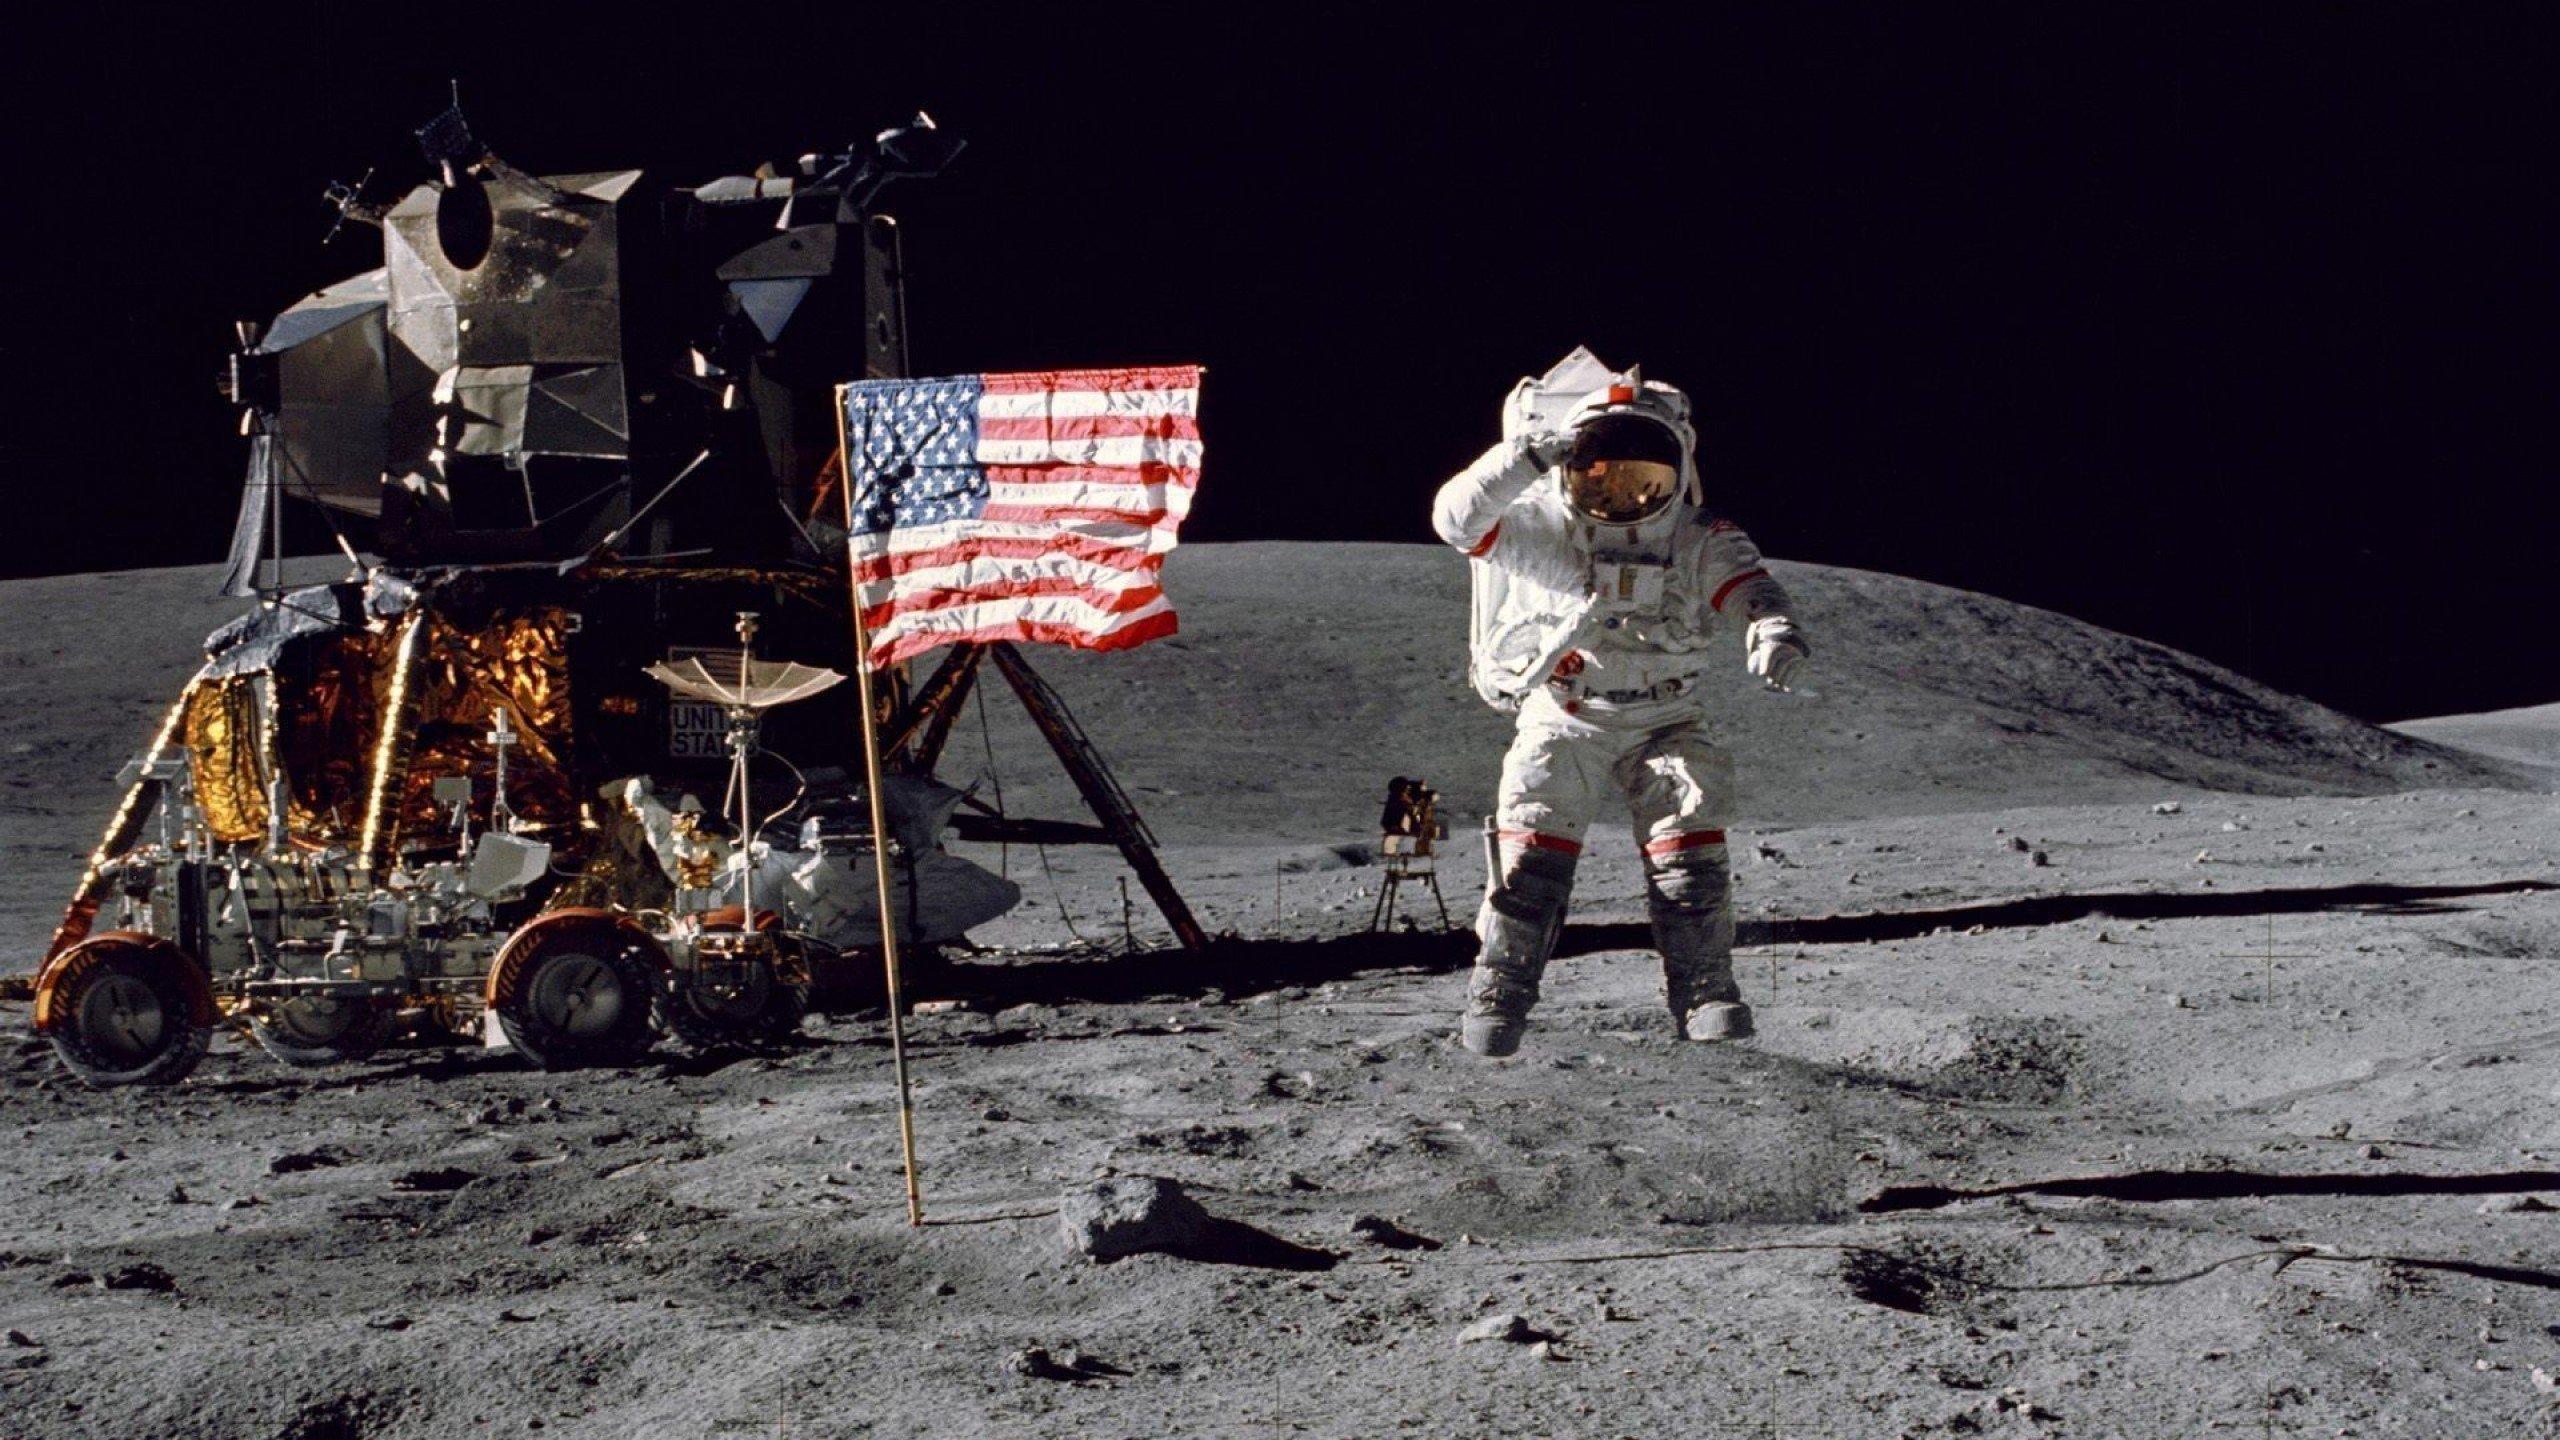 nasa astronauts on the moon - photo #6